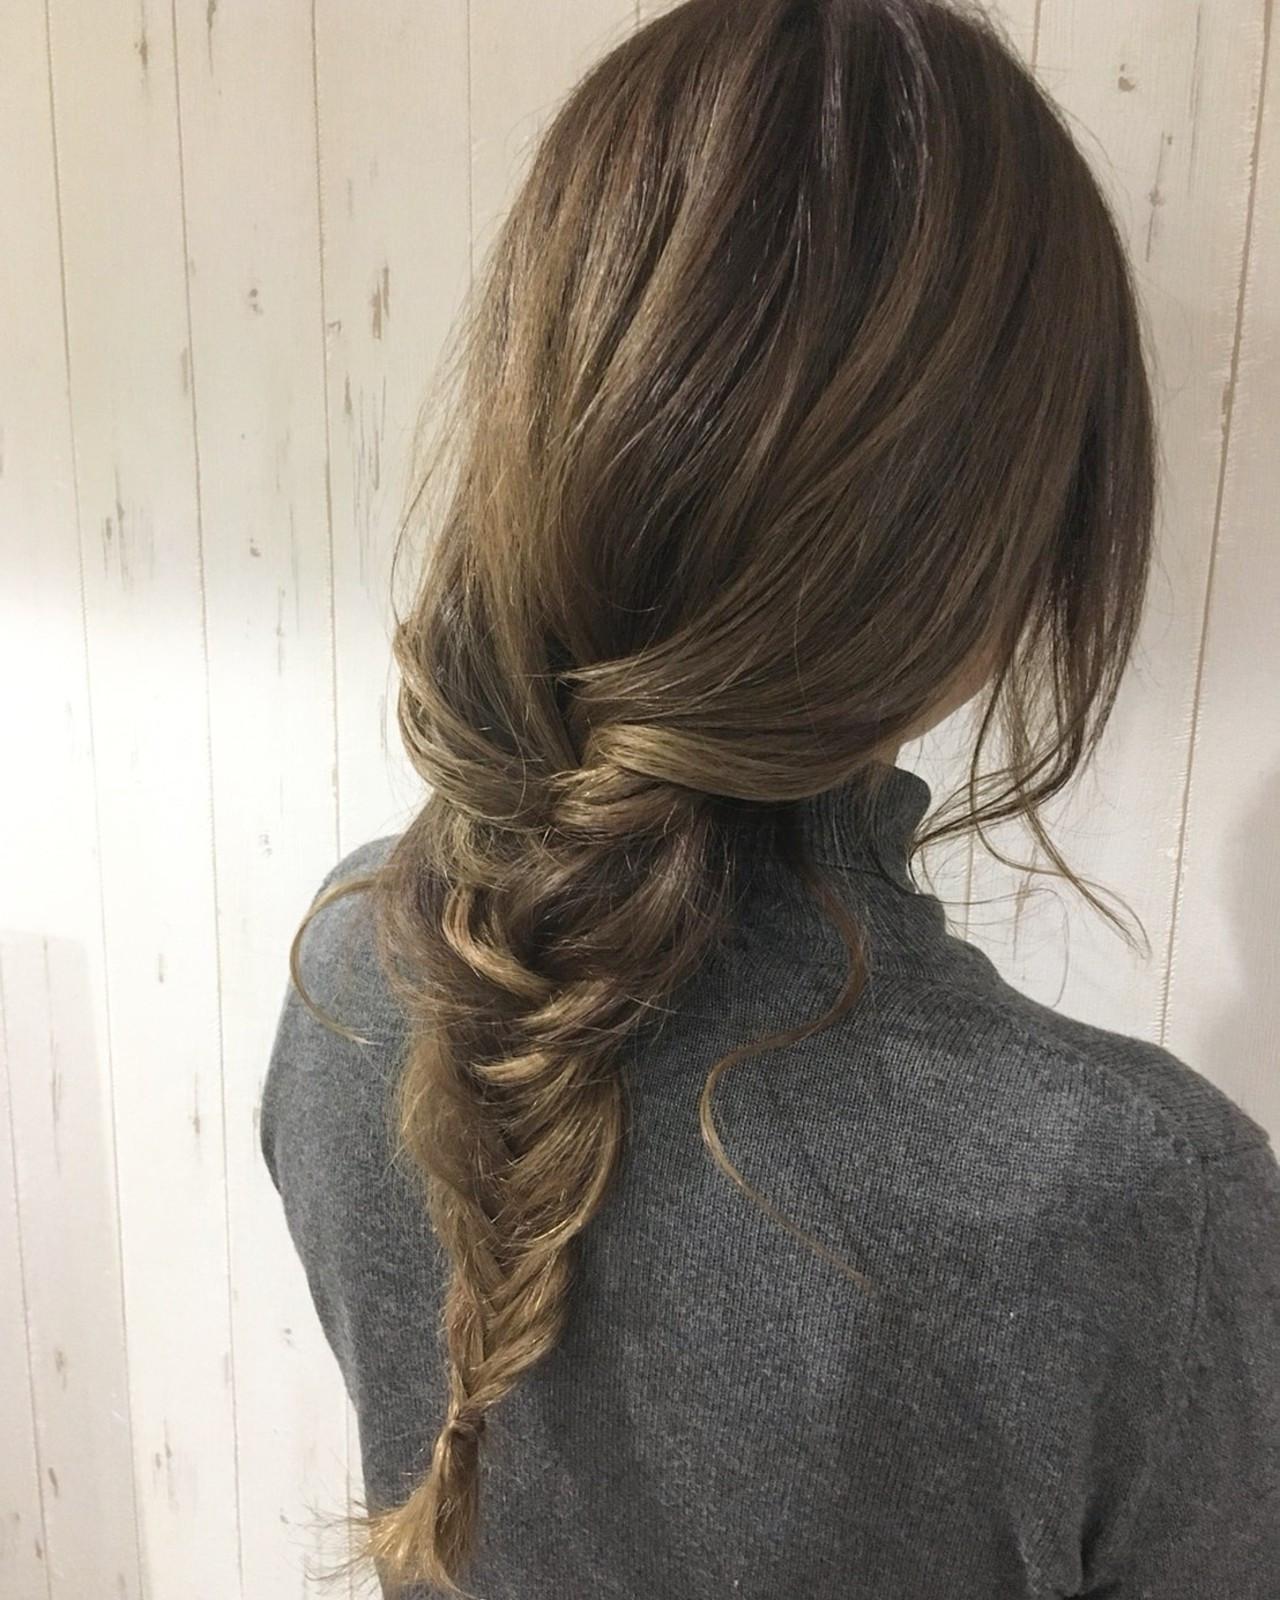 フィッシュボーン ナチュラル ロング ショート ヘアスタイルや髪型の写真・画像